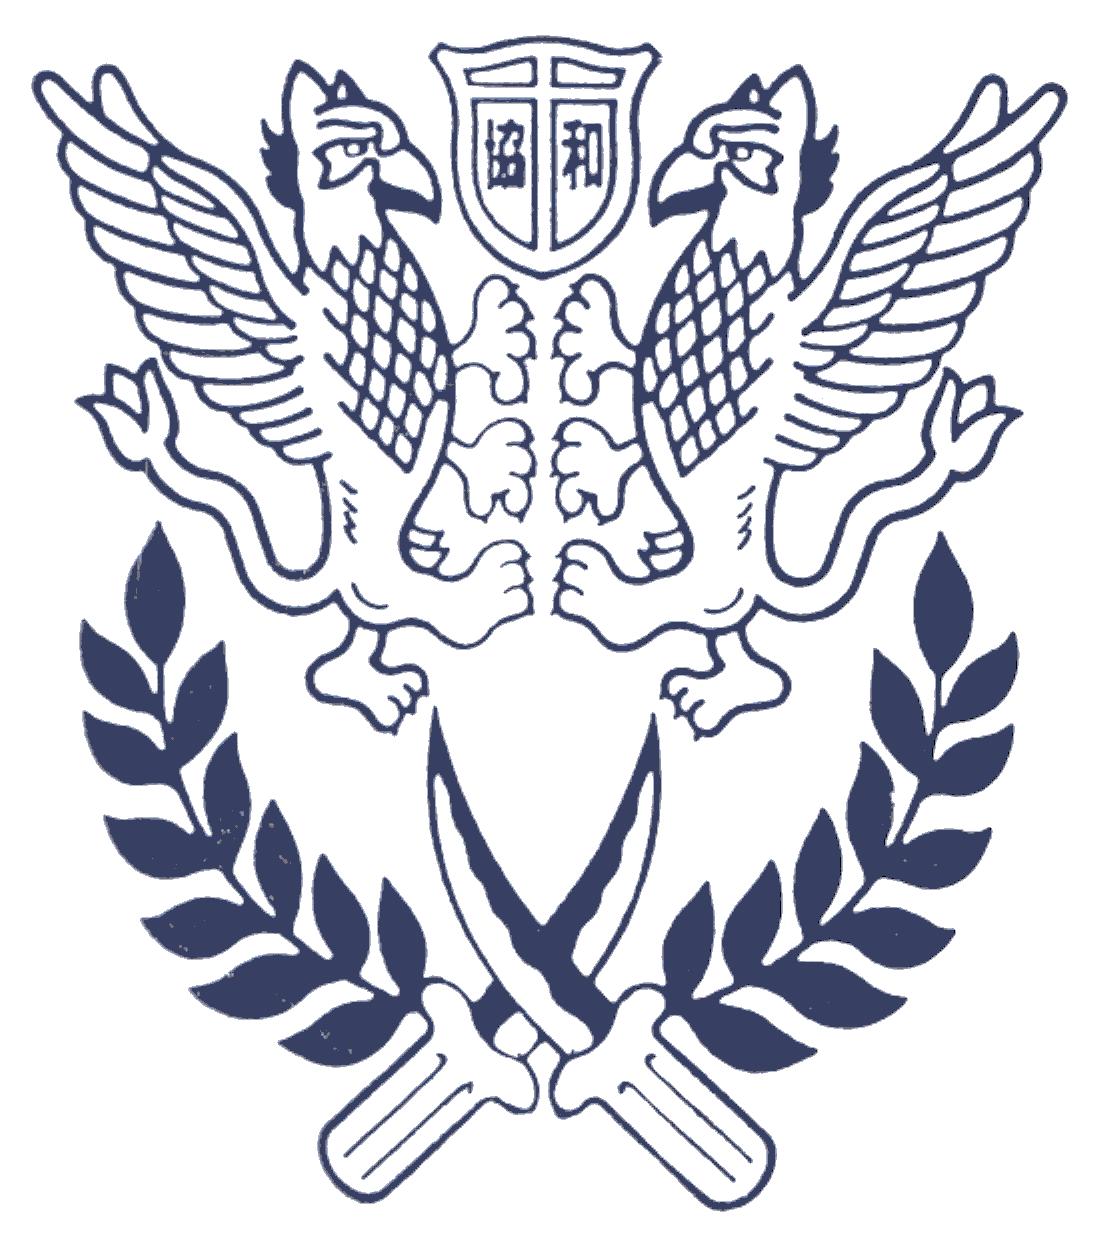 協和警備保障株式会社